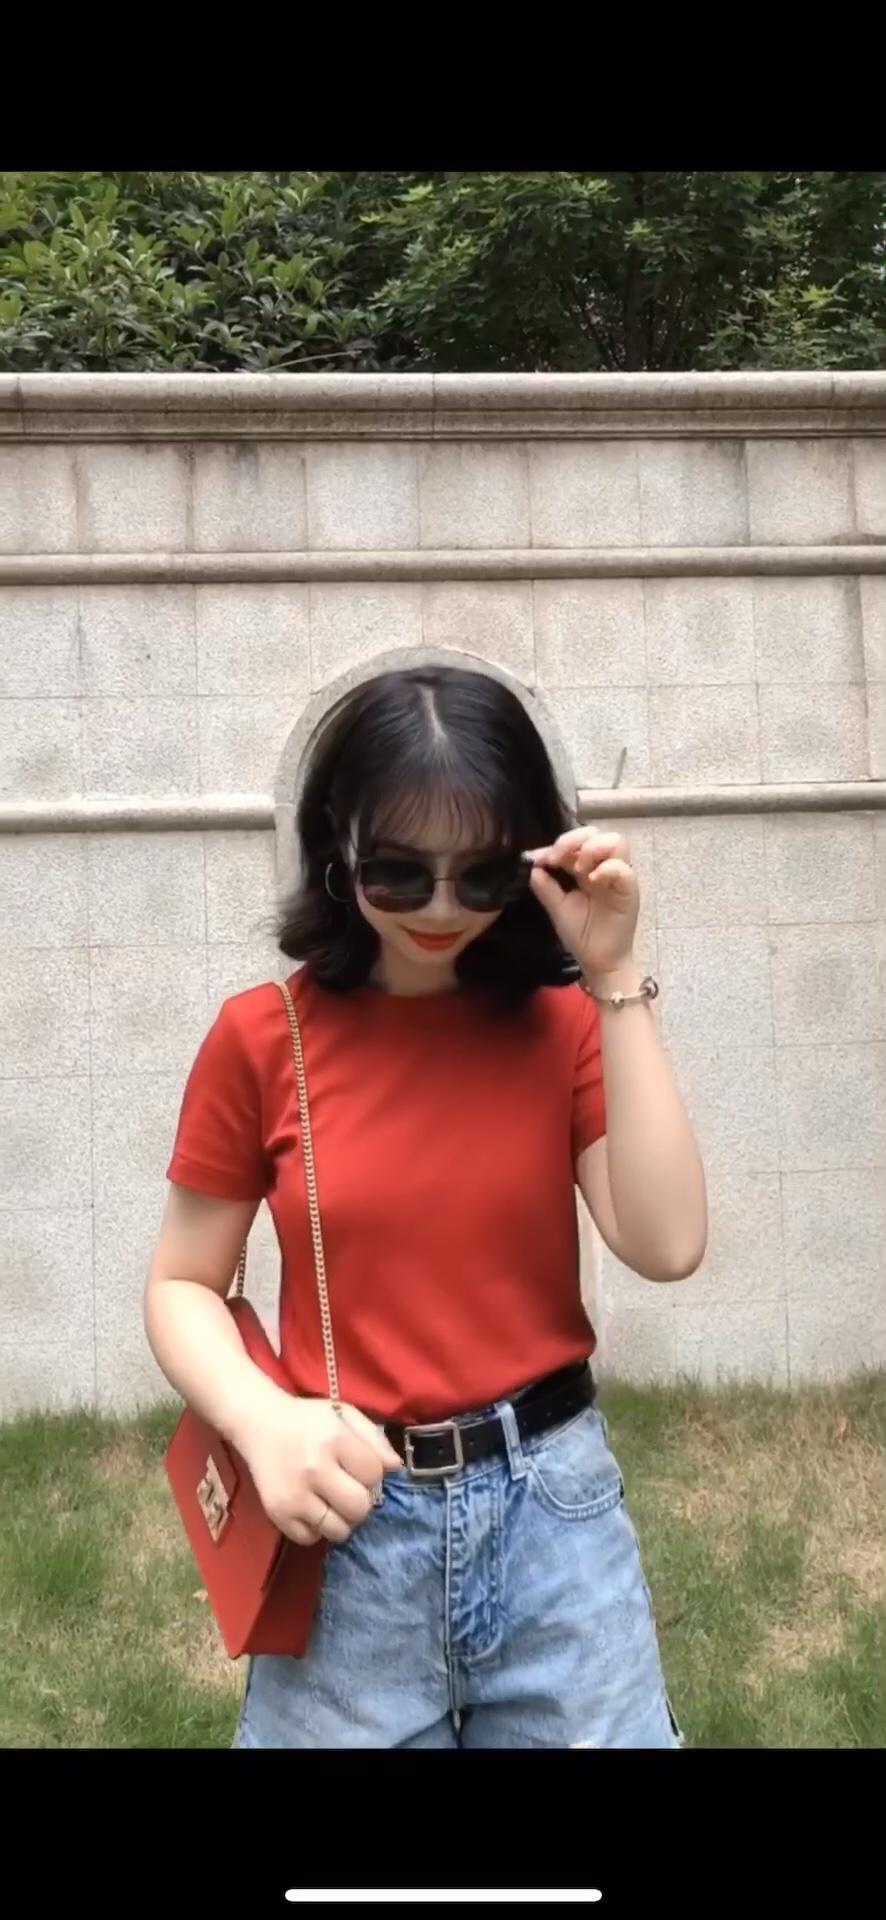 150小个子穿搭 夏天也要穿红色!! 真的太显白了!又比较复古~ 优衣库这件真的便宜又好穿!!强推!#简约气质穿搭,占领办公室C位!#